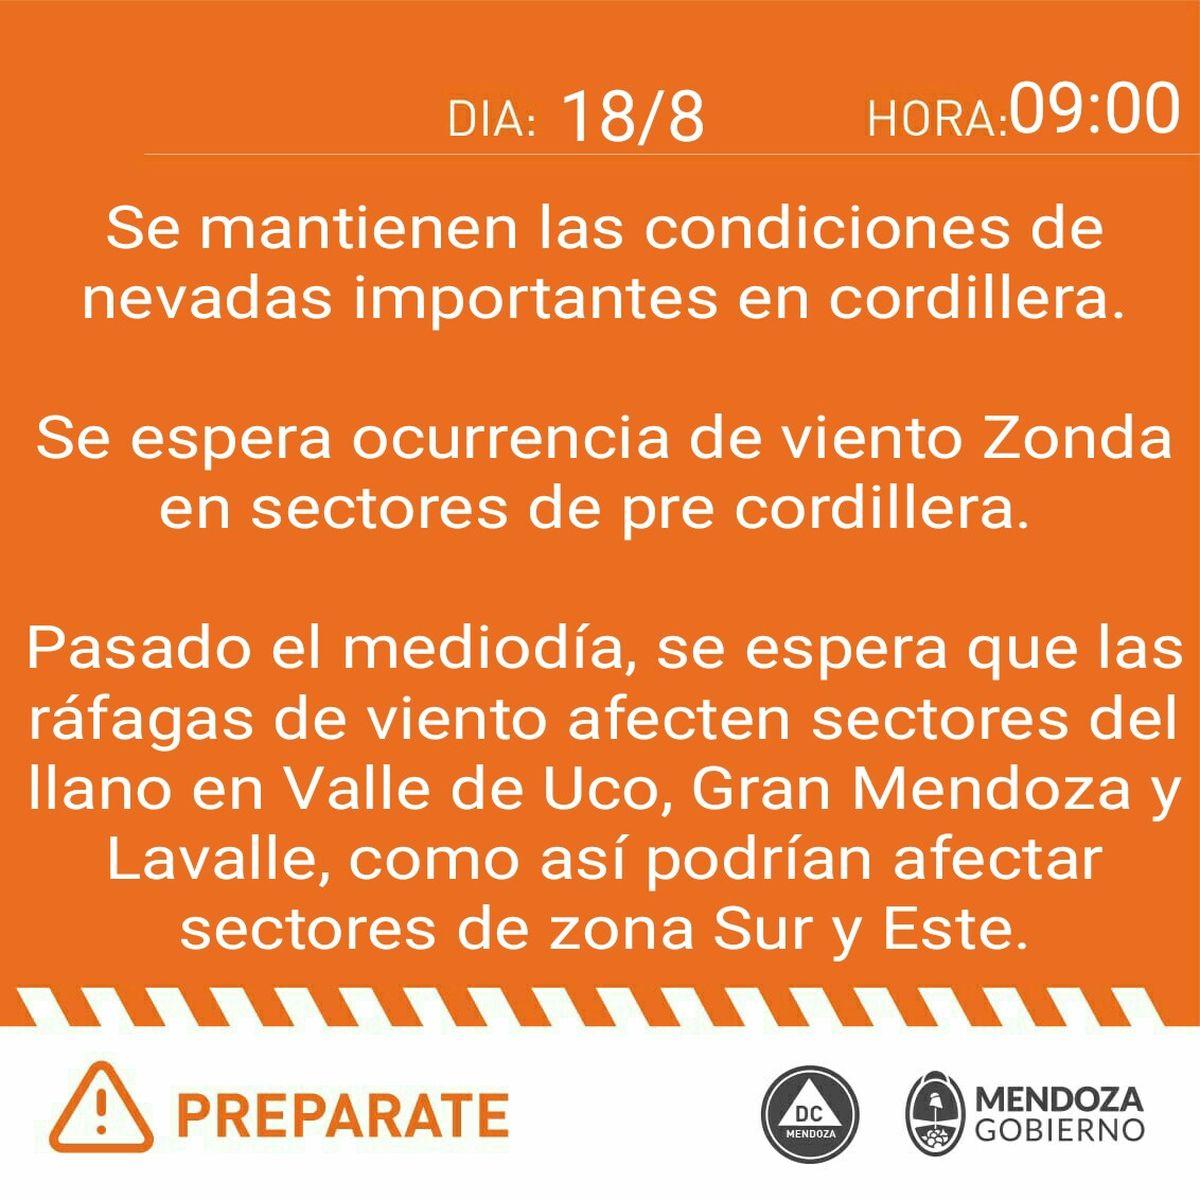 El alerta naranja por el viento Zonda en Mendoza